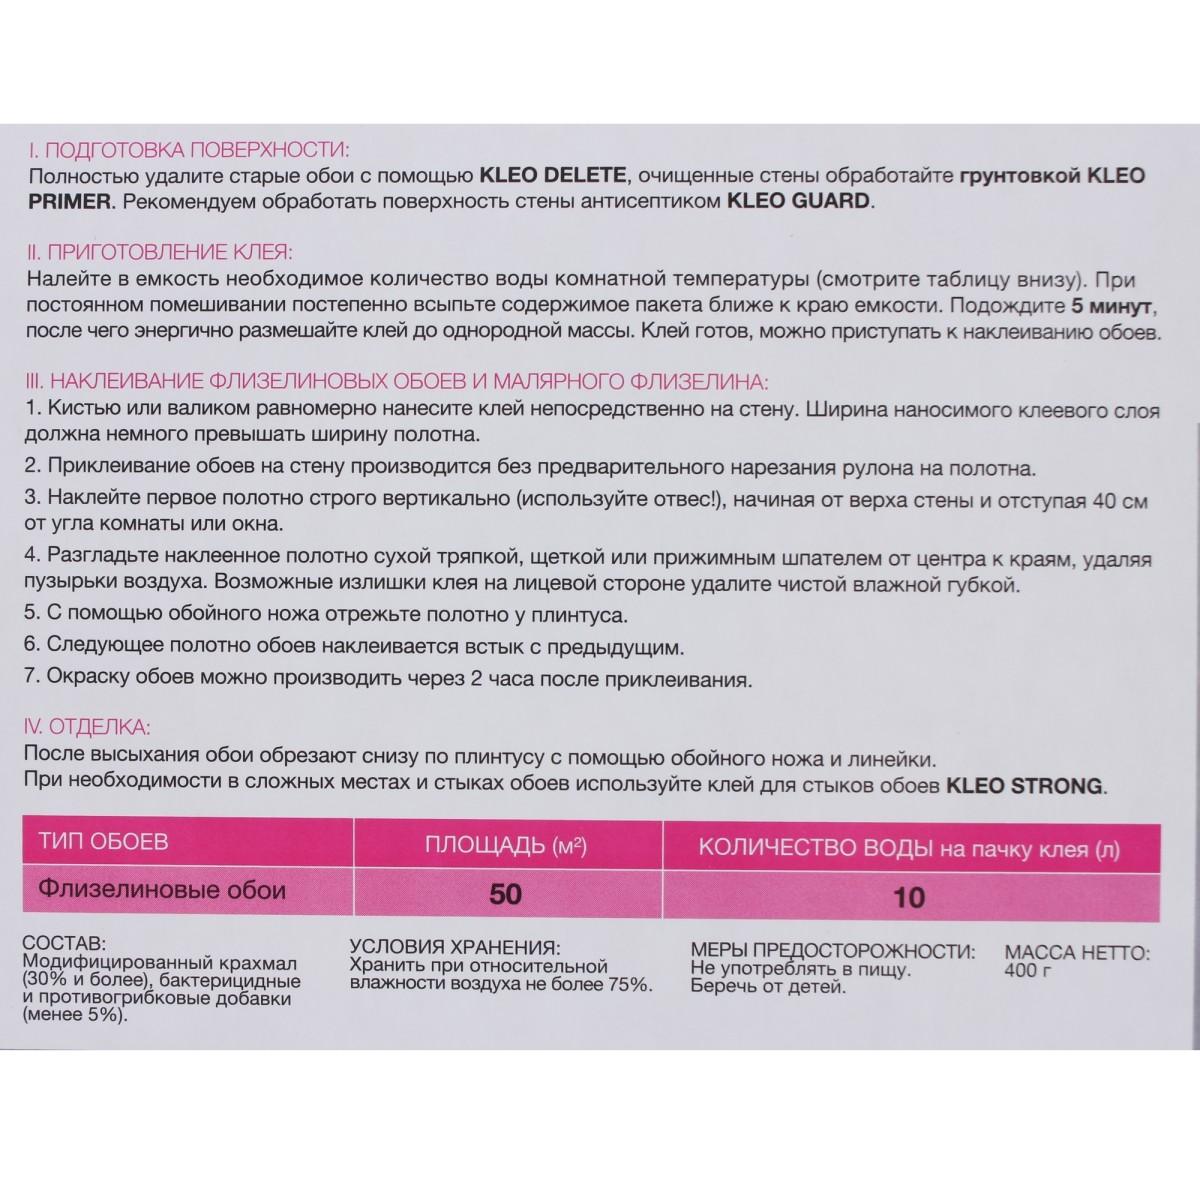 Клей kleo для флизелиновых обоев - твойдомстройсервис.рф